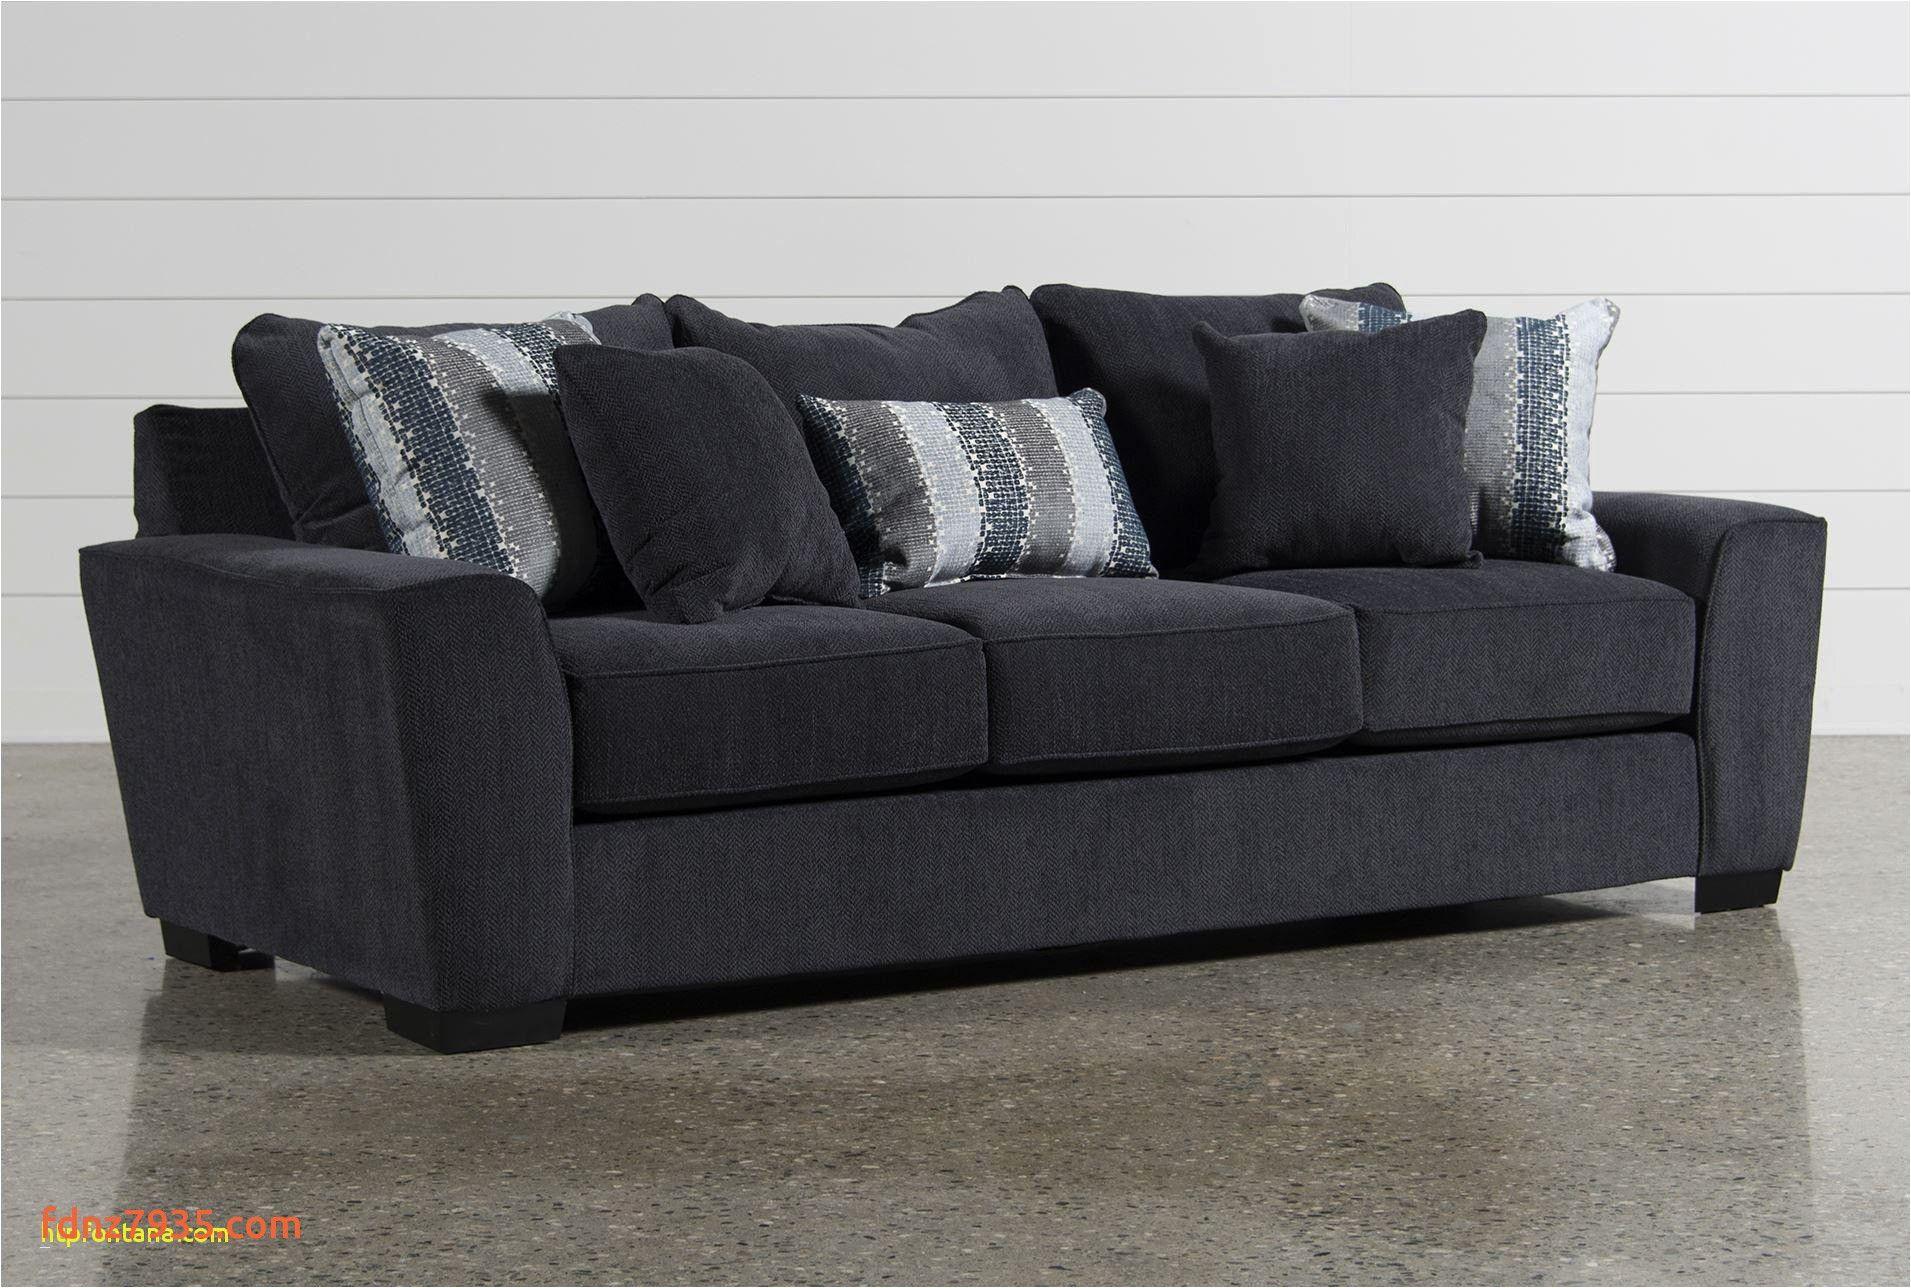 30 Grey Sofa Living Room Ideas Sofa Design Living Room Decor